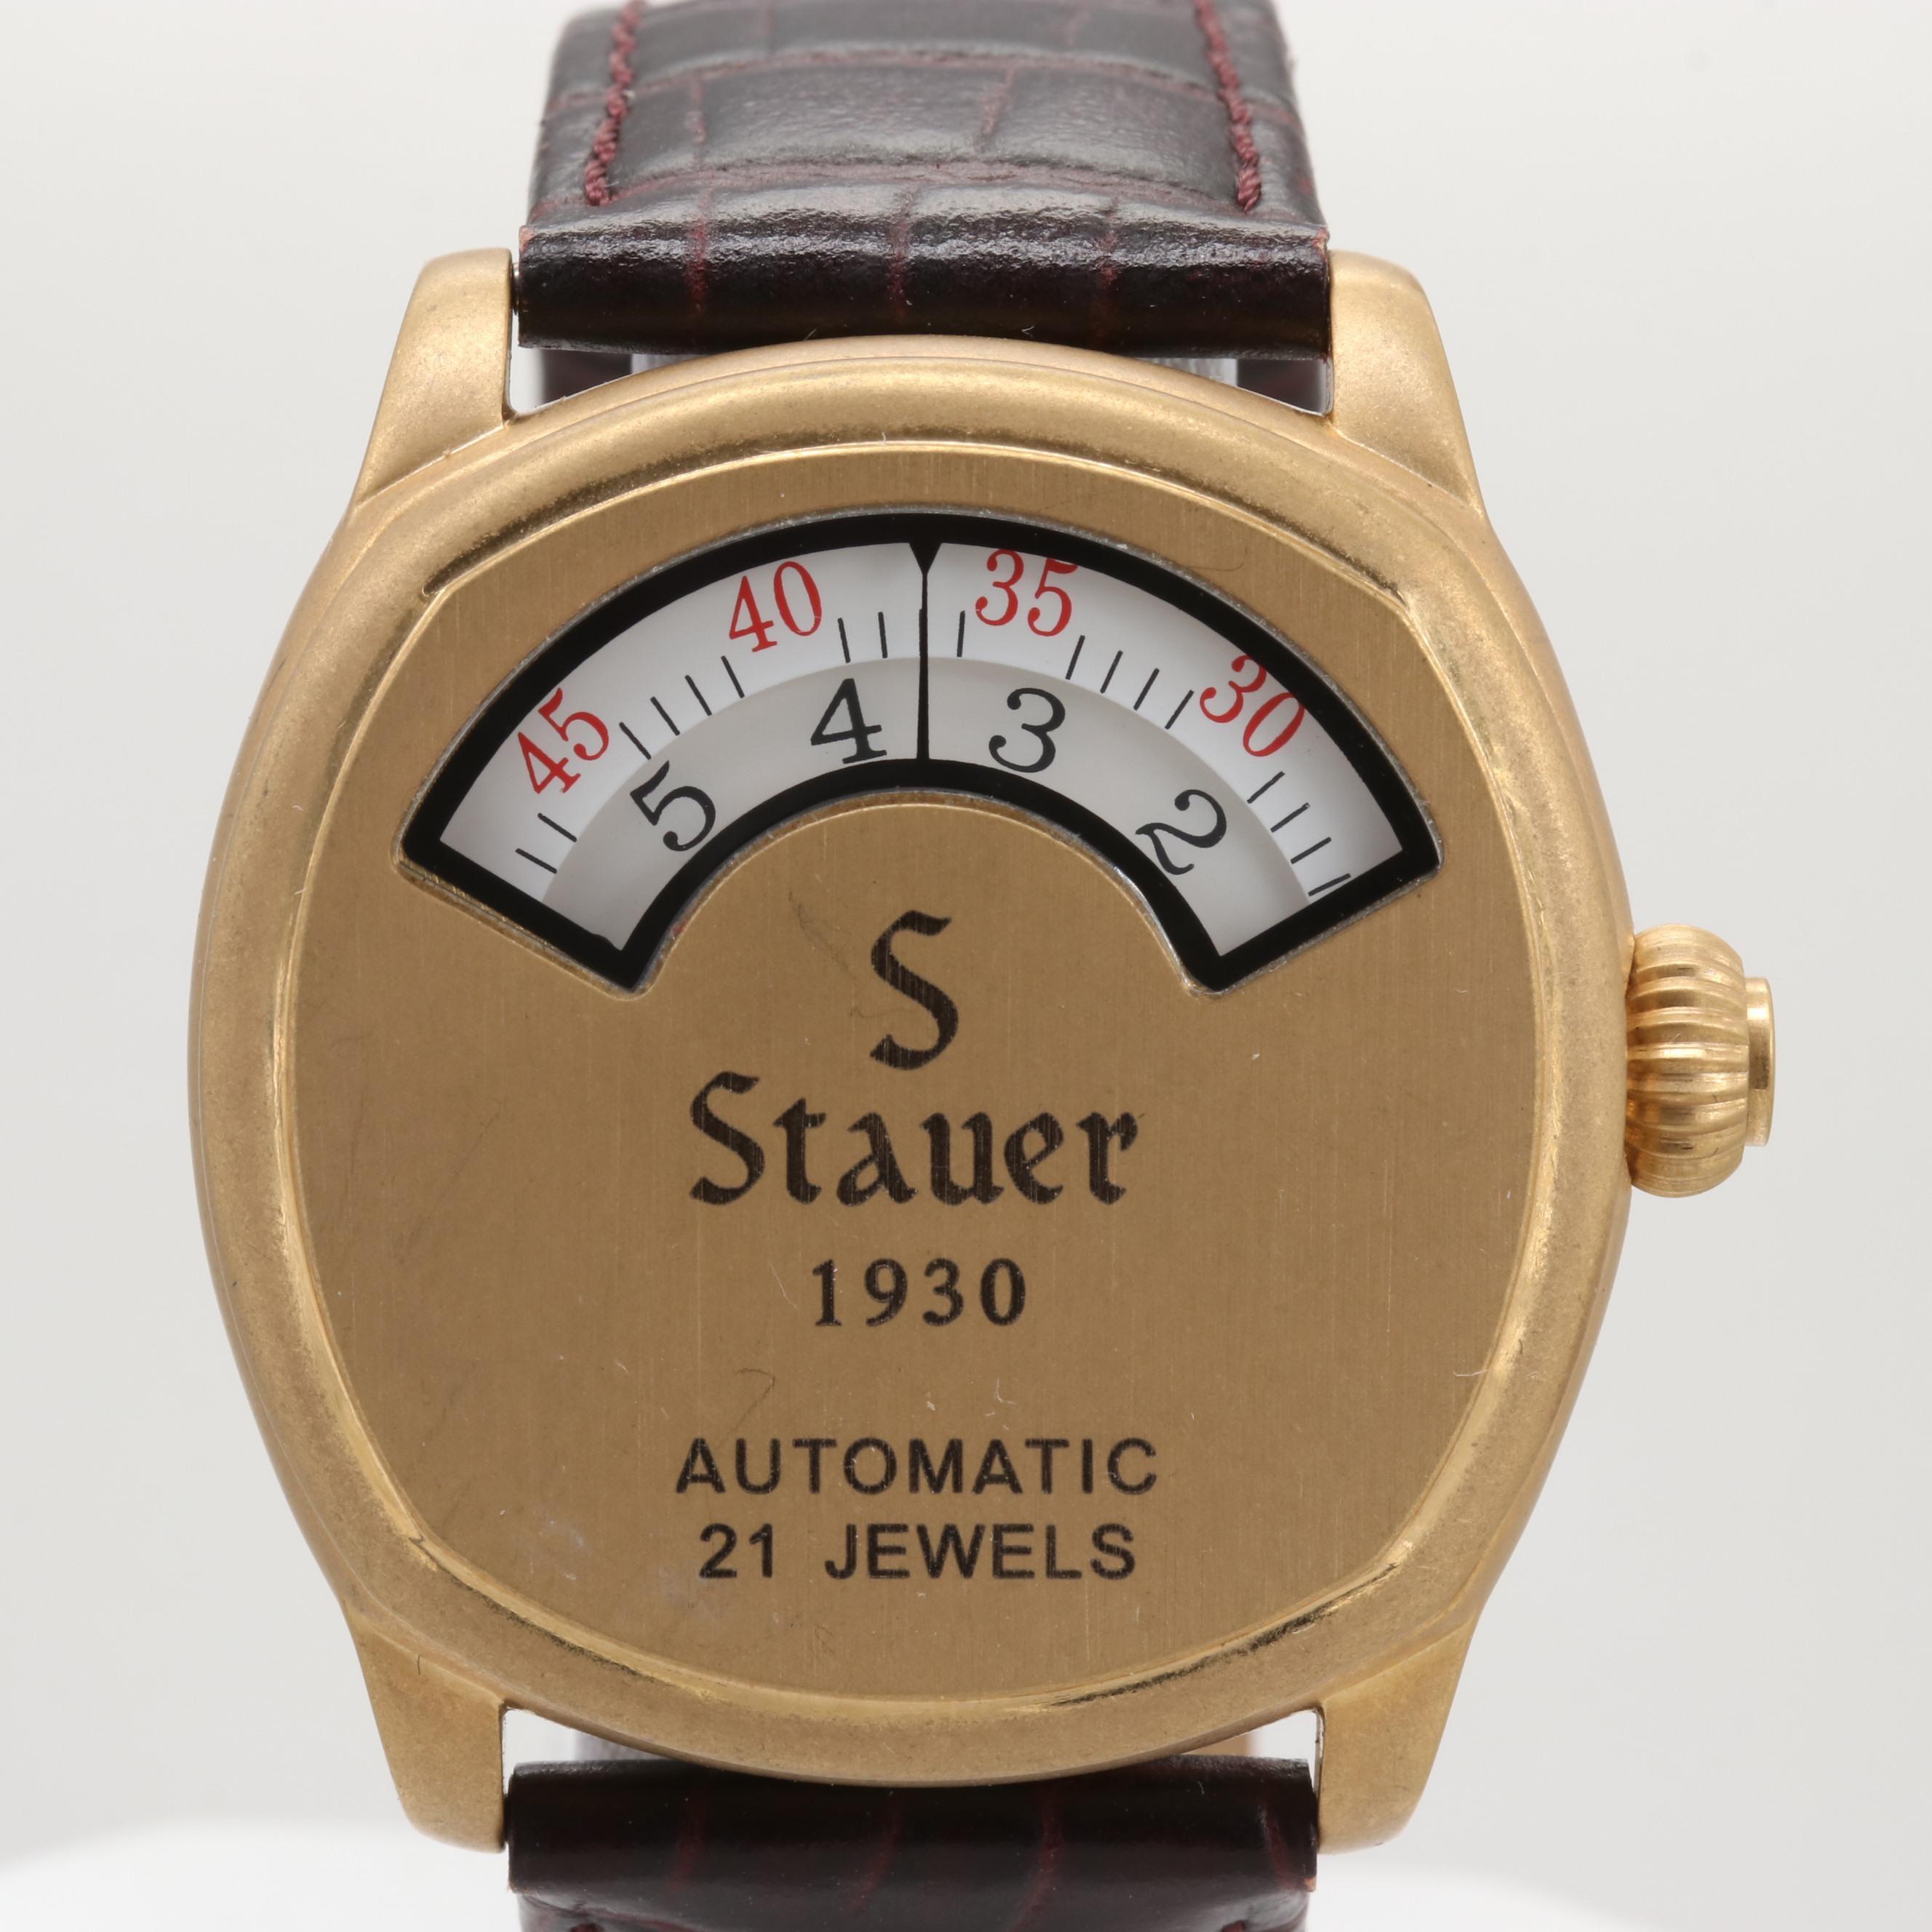 Stauer Automatic Wristwatch With Window Time Display